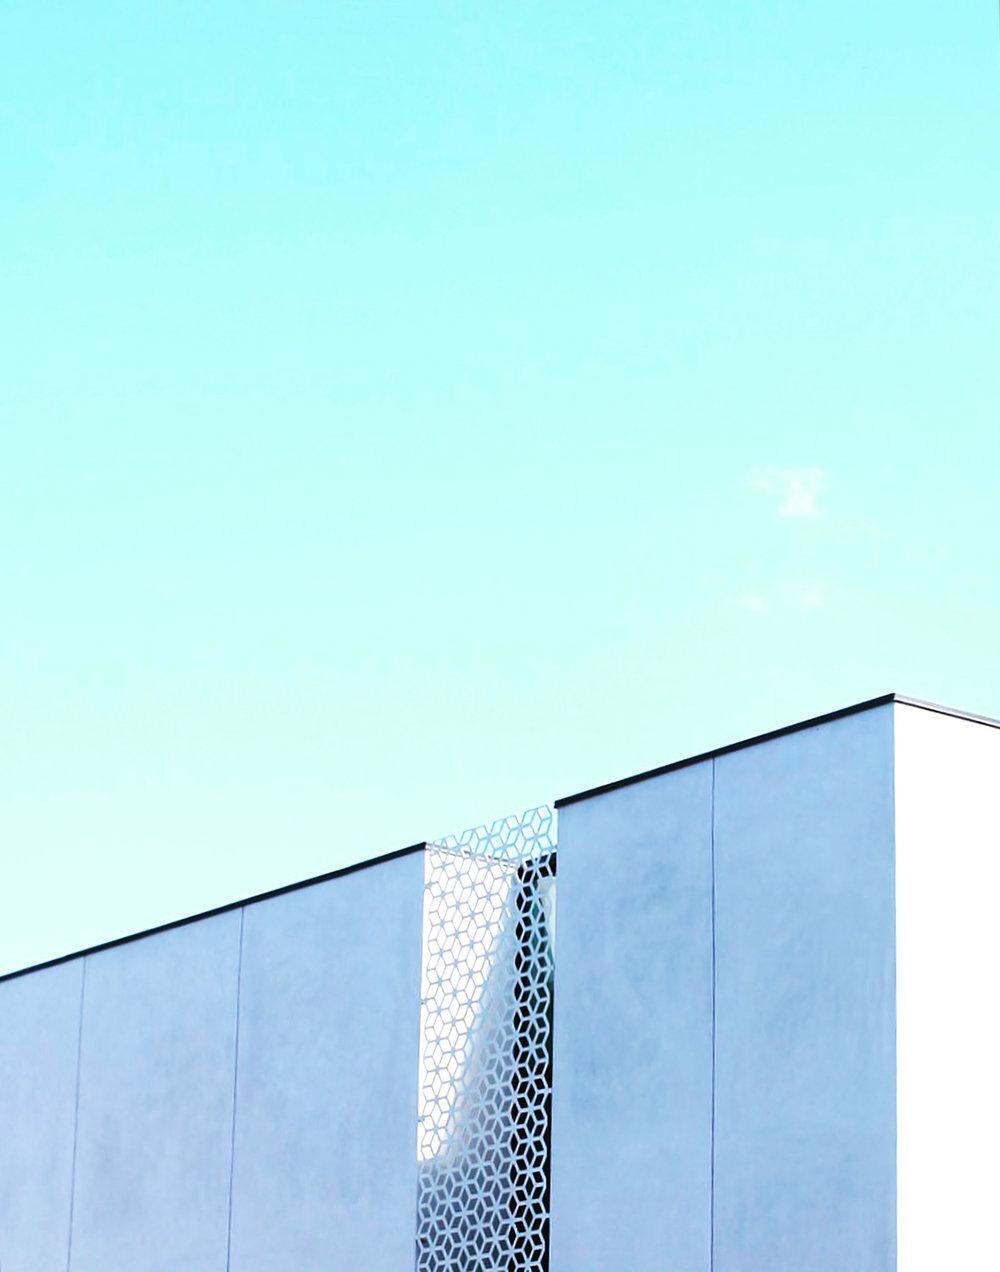 02-Gonzalez_Javier_Untitled.jpg